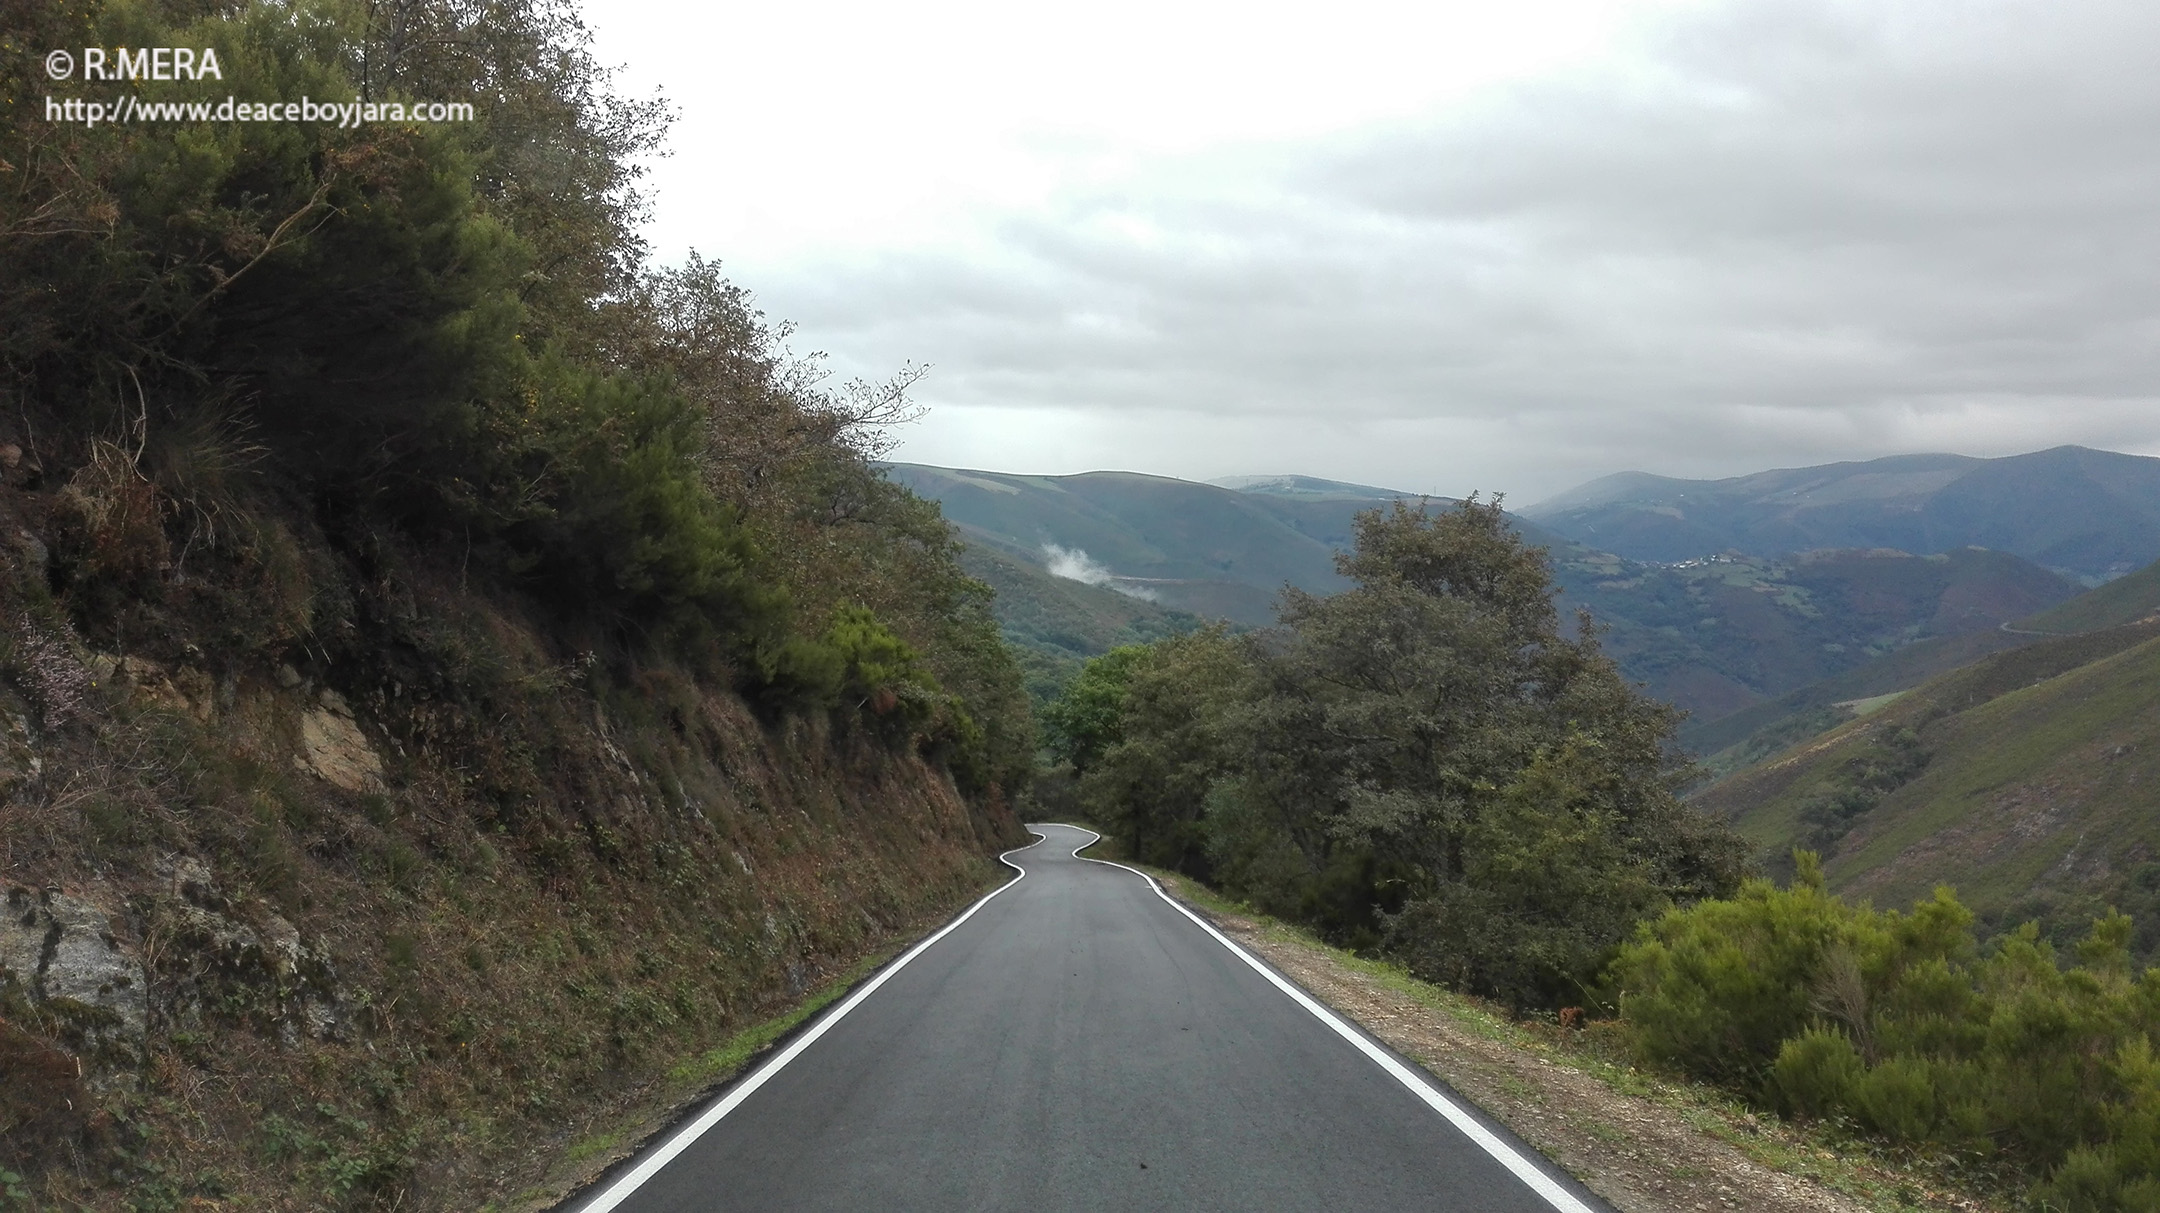 ALLANDE.- Concluyeron las obras de acceso al pueblo de Monón